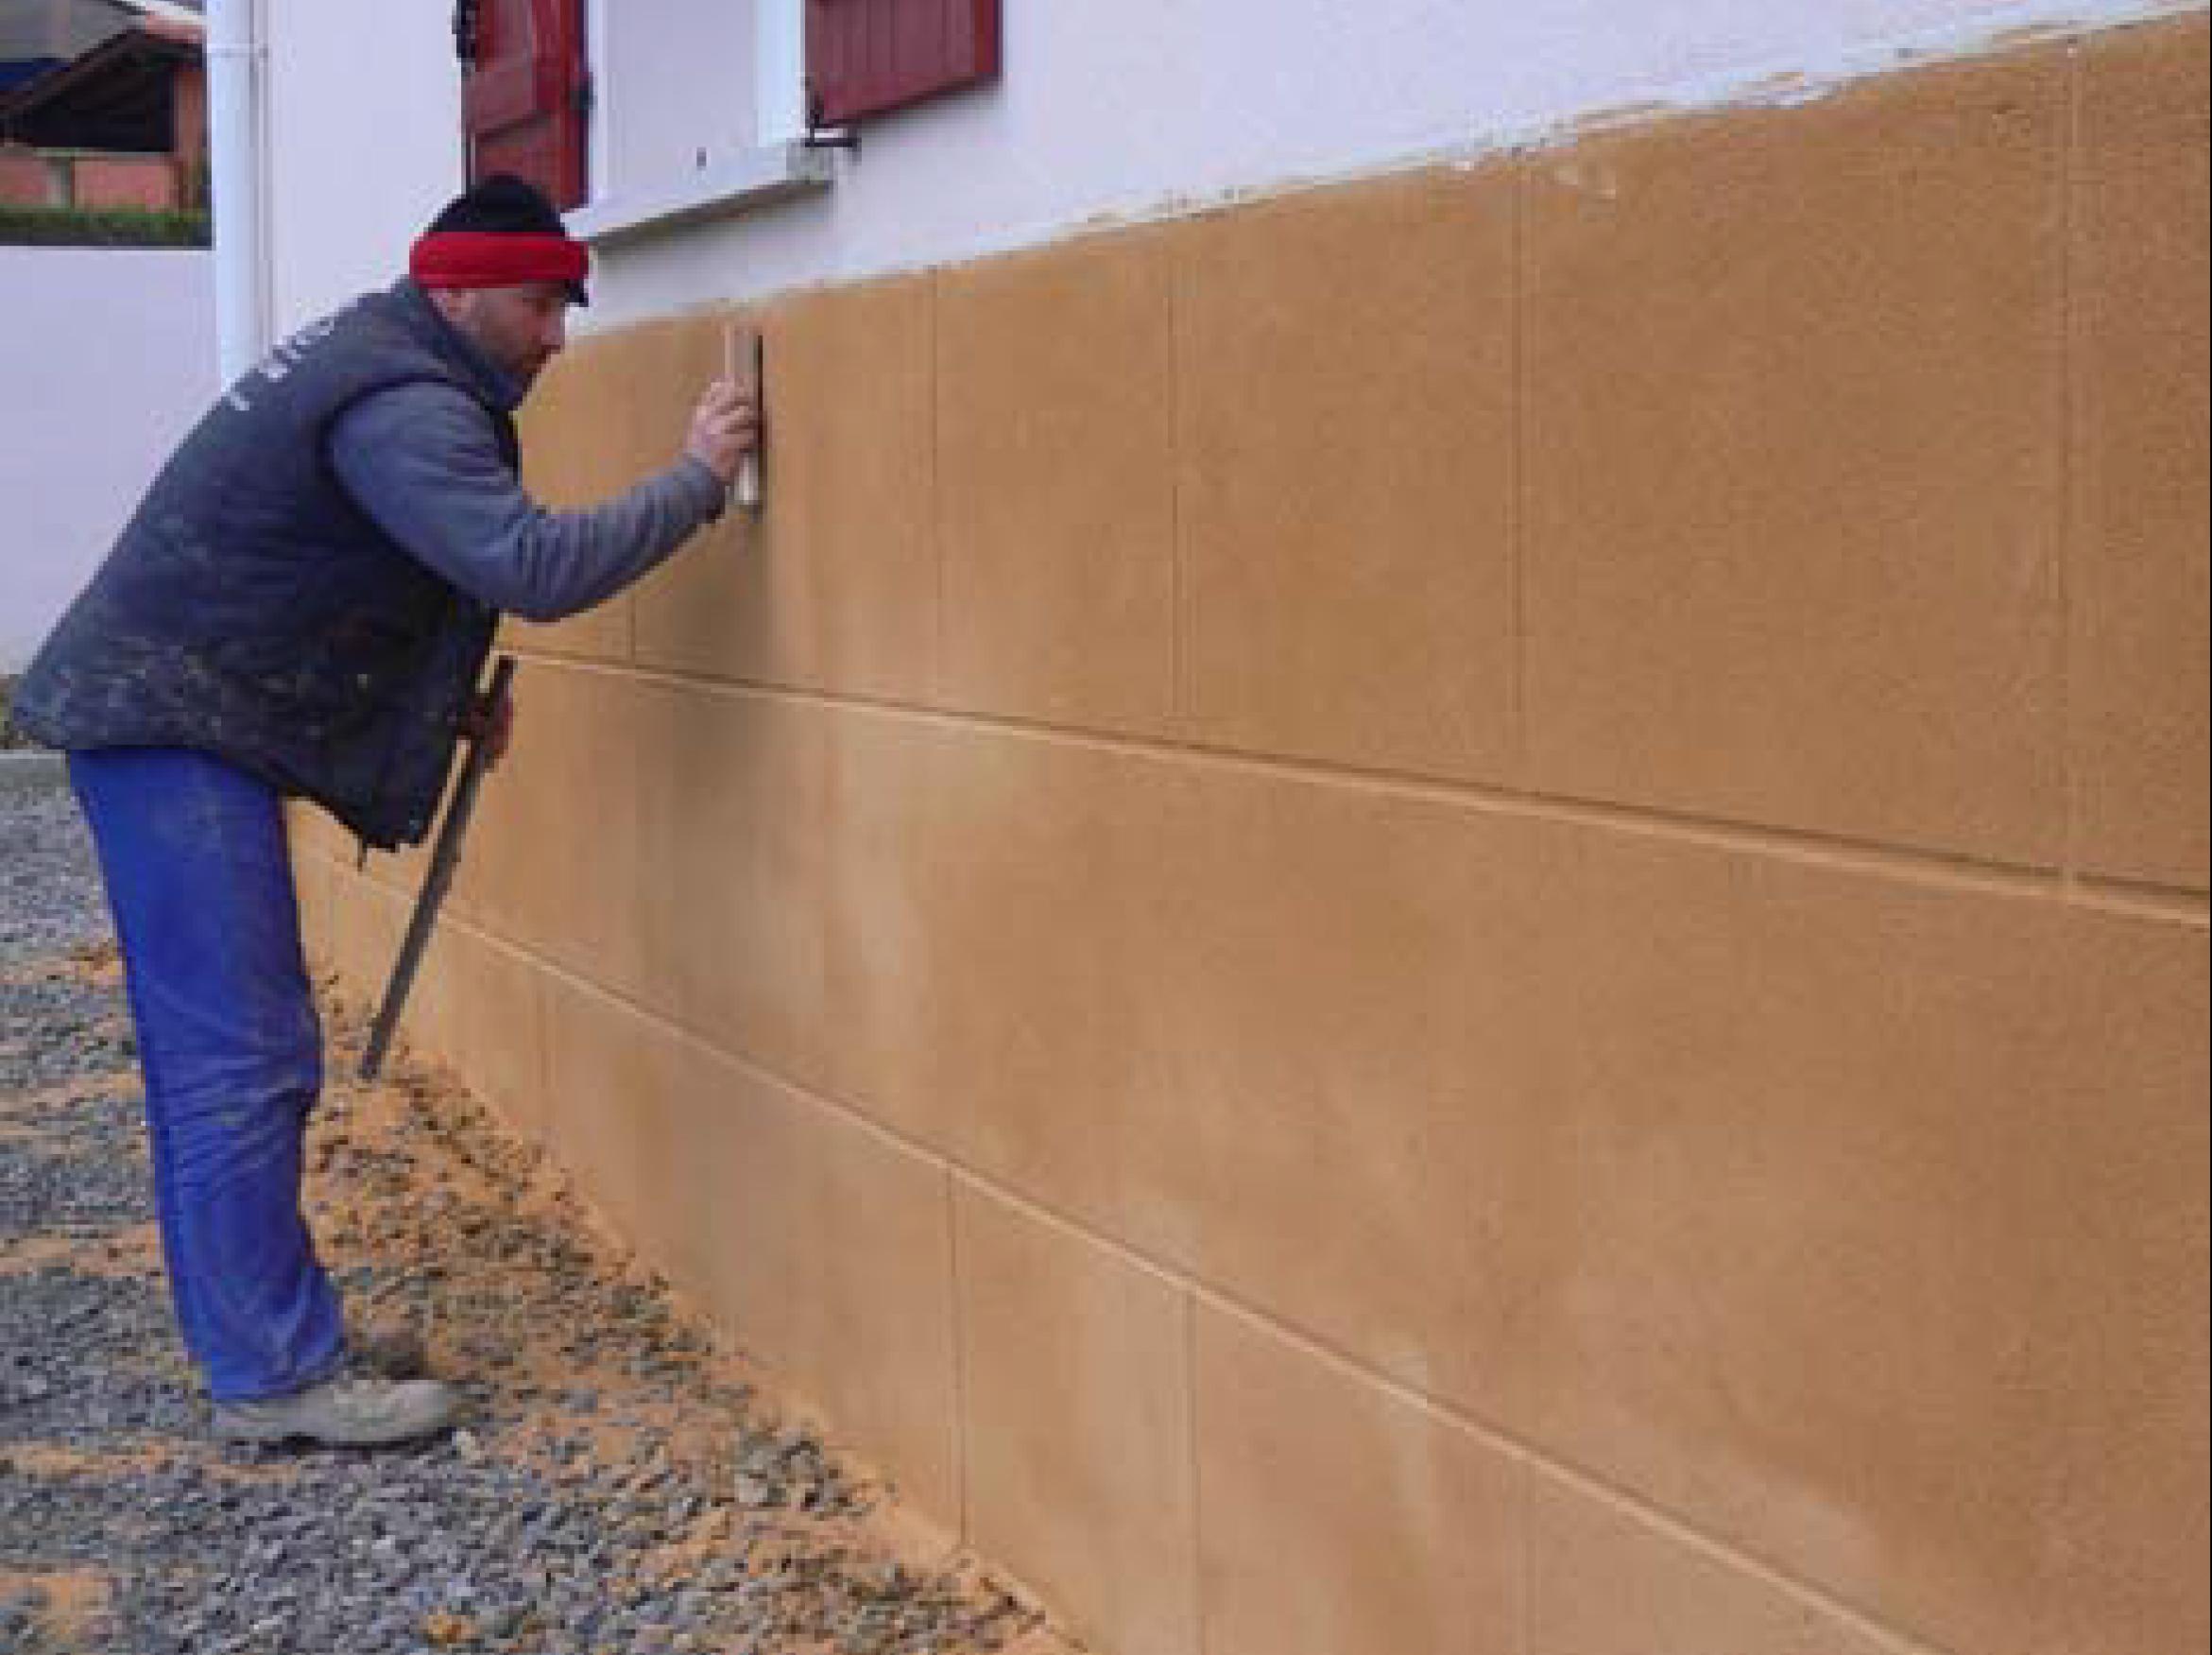 Rehabilitaci n de fachada en hendaya francia - Mortero para fachadas ...